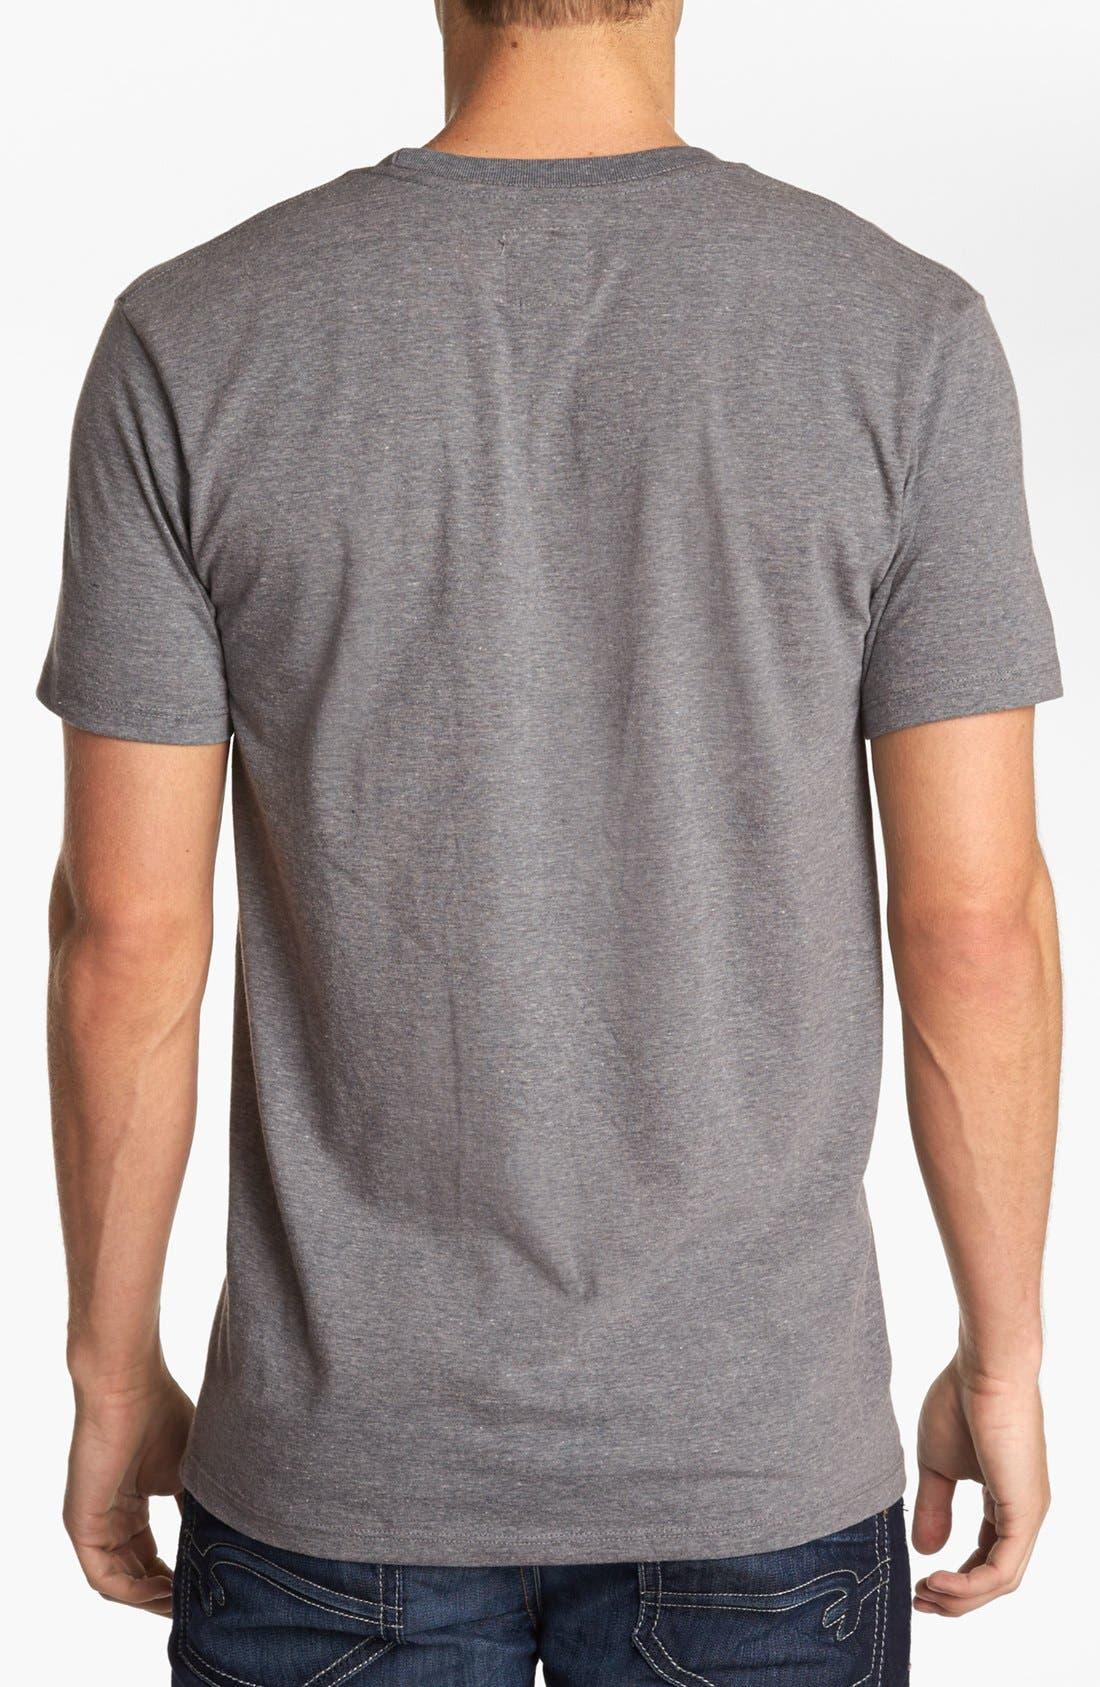 Alternate Image 2  - O'Neill 'Tall Boy' T-Shirt